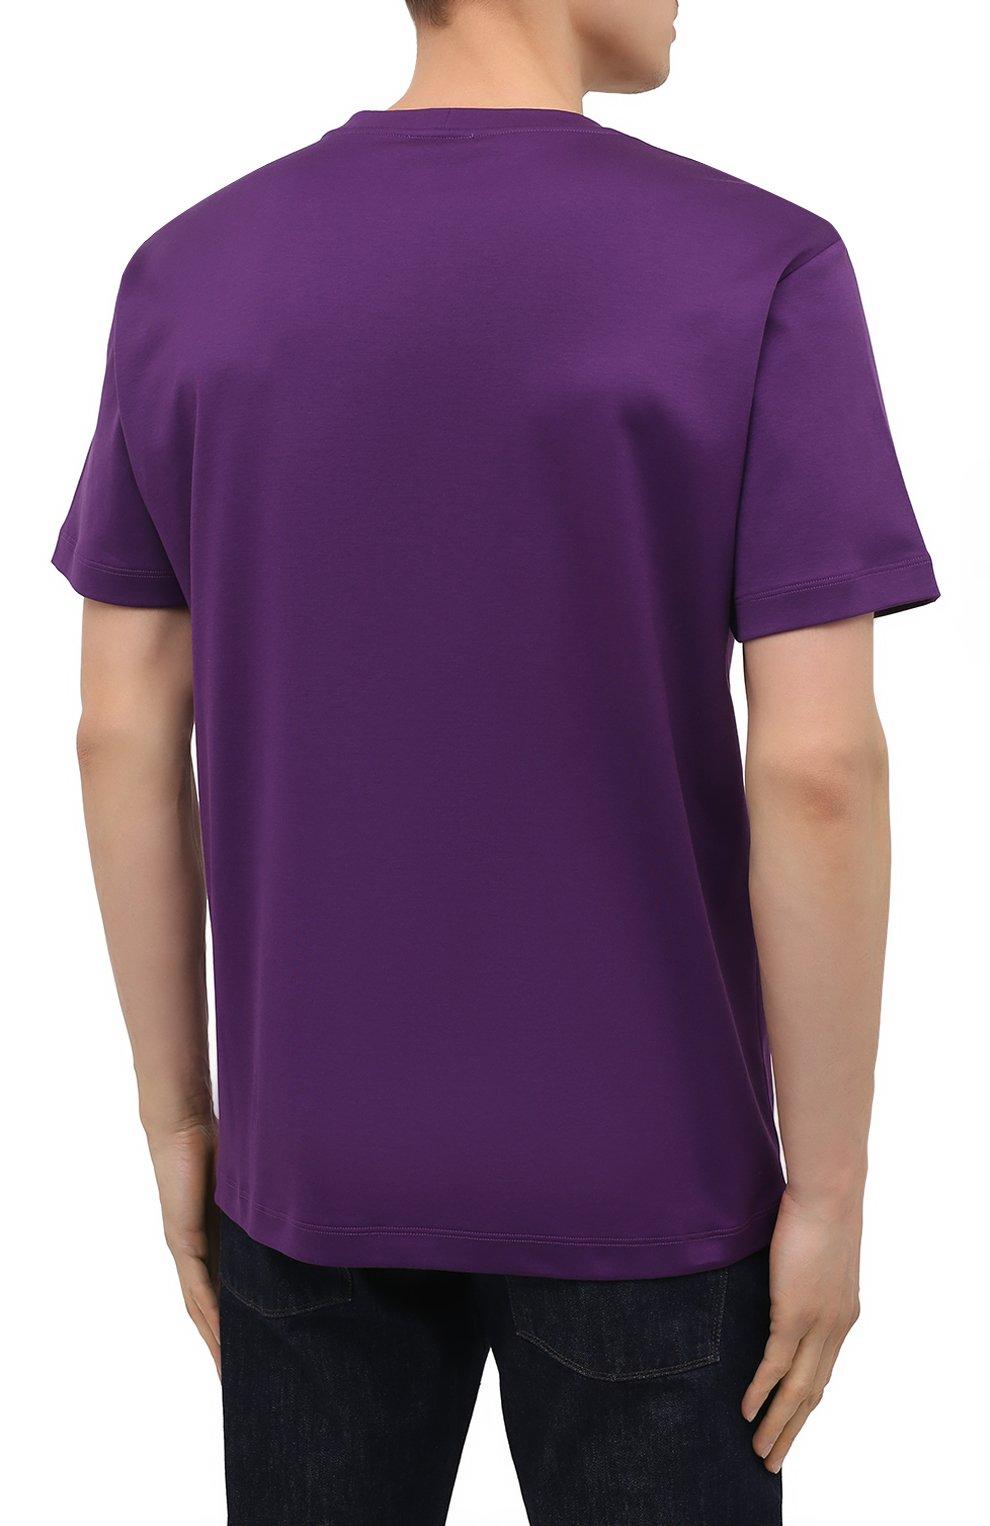 Мужская хлопковая футболка GIORGIO ARMANI фиолетового цвета, арт. 6GSM90/SJRQZ   Фото 4 (Рукава: Короткие; Длина (для топов): Стандартные; Принт: С принтом; Материал внешний: Хлопок; Стили: Кэжуэл)